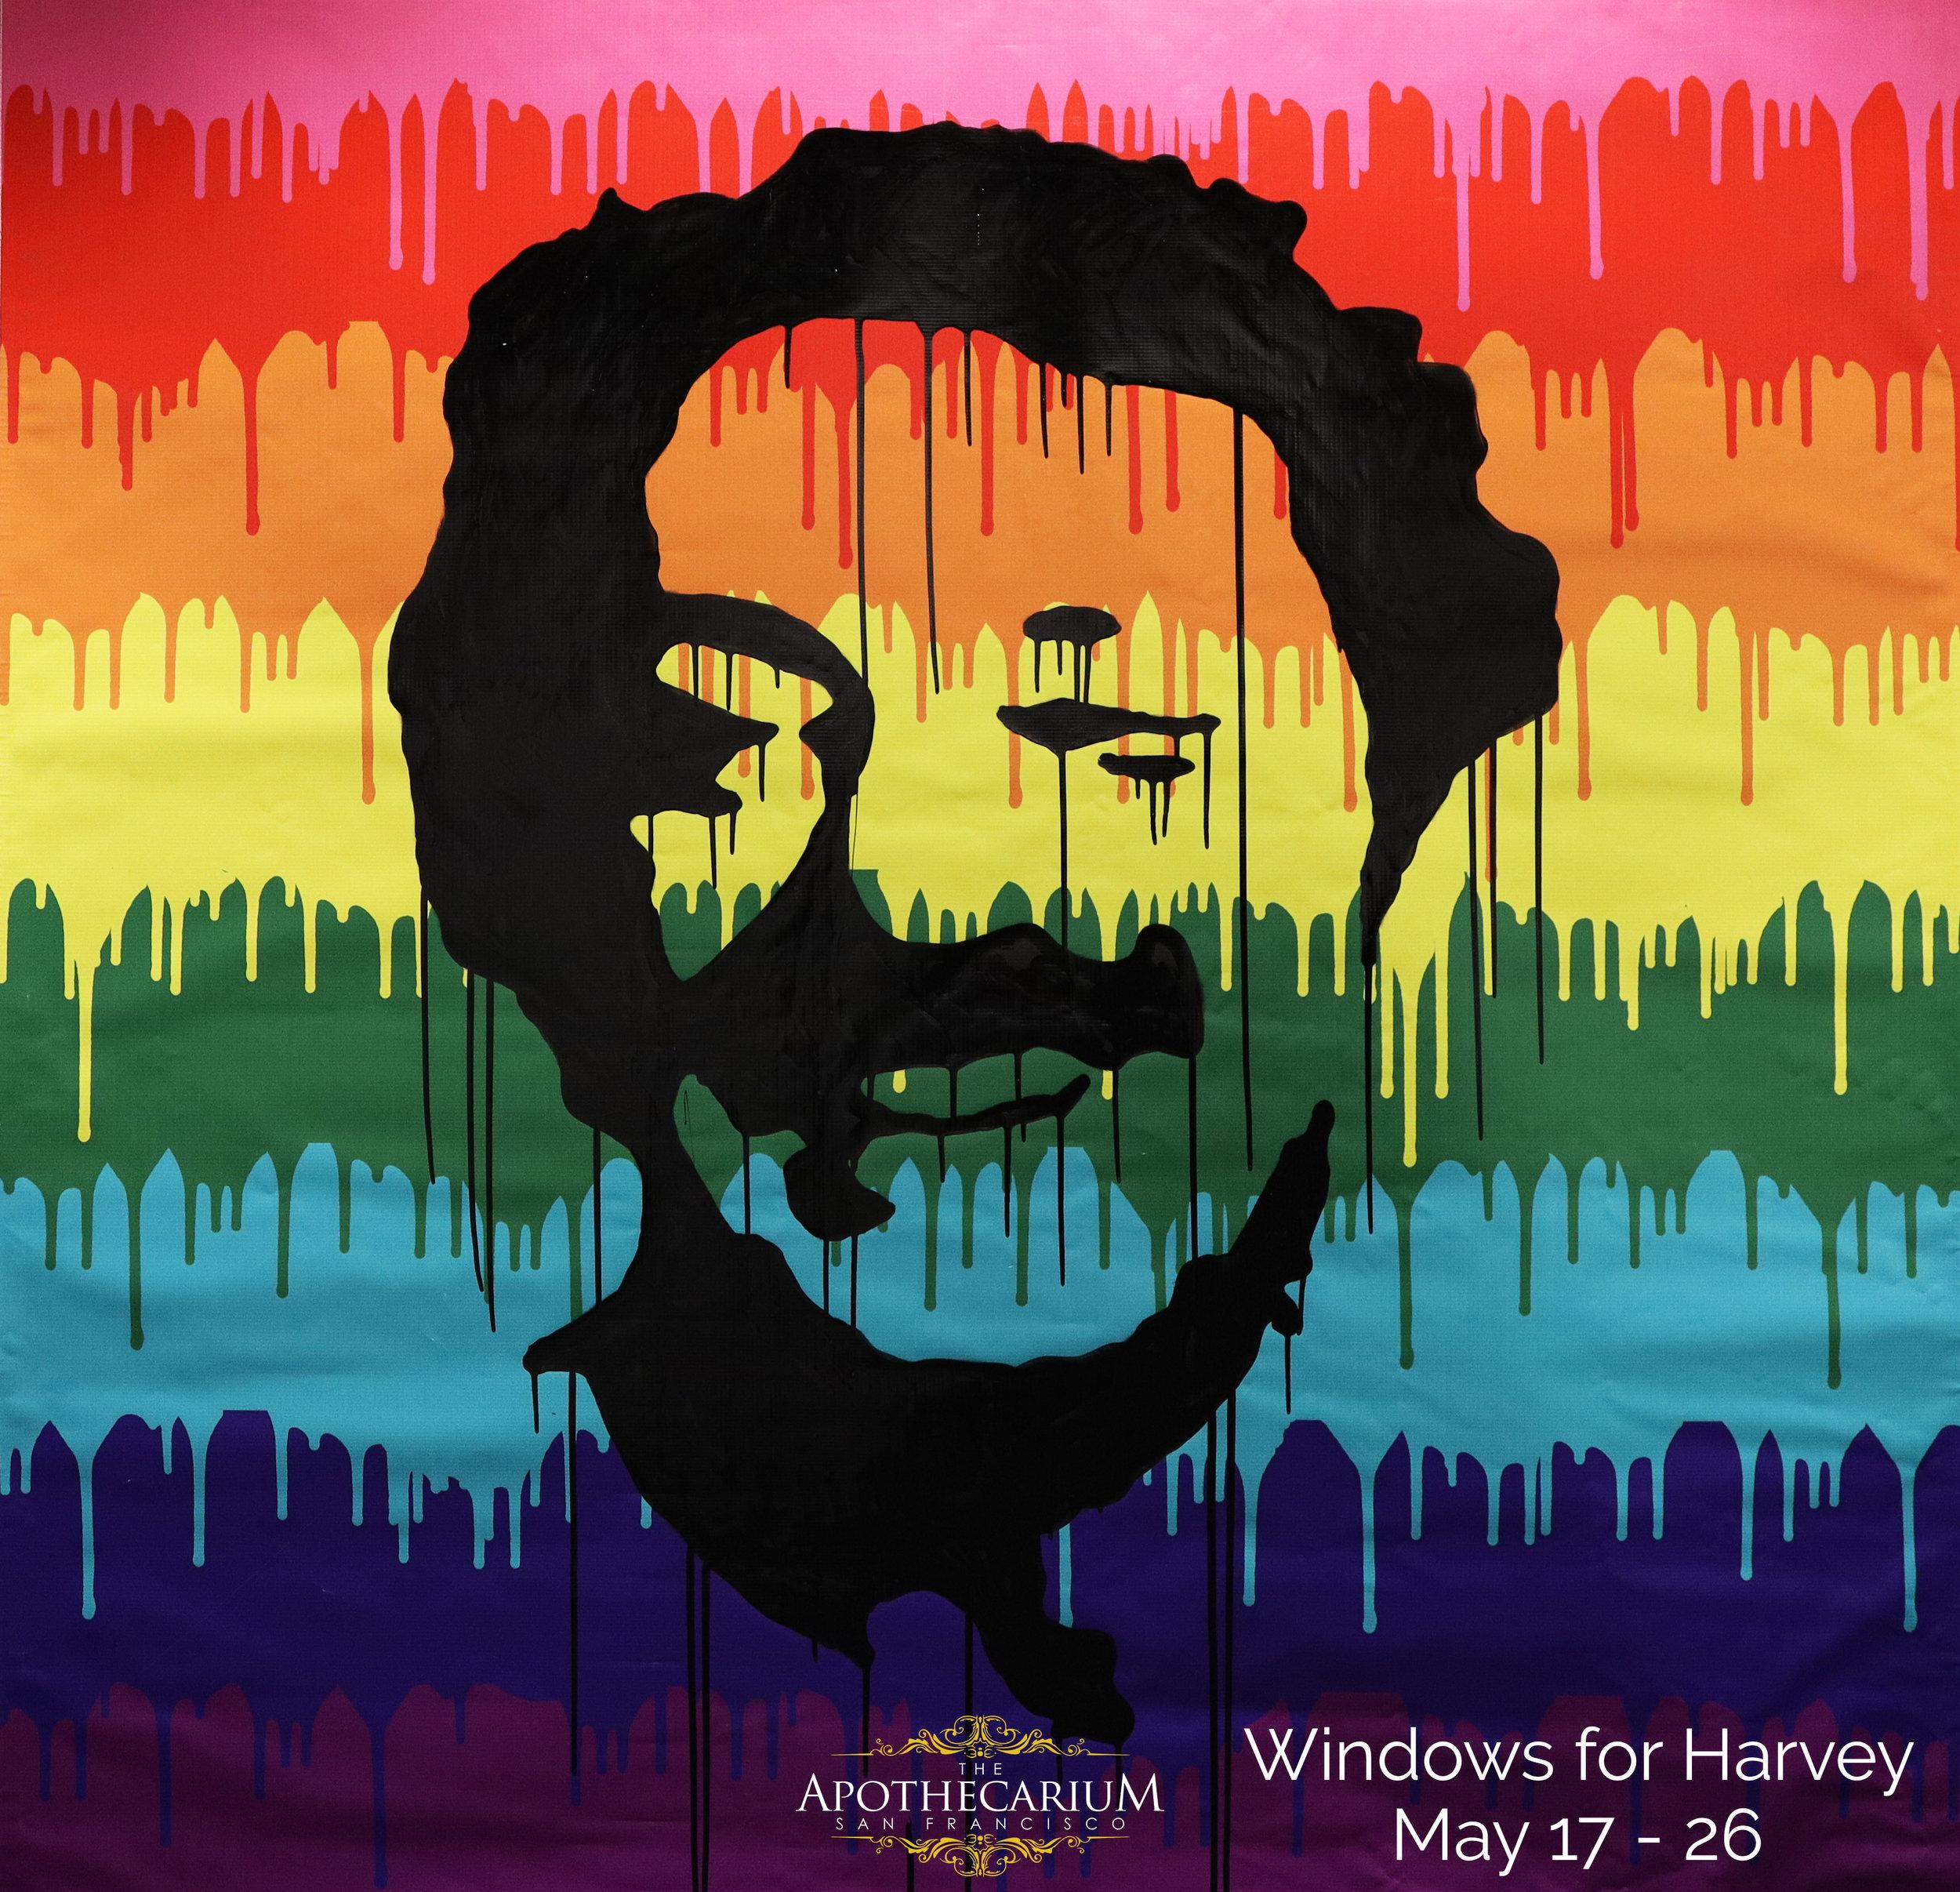 Windows for Harvey Newsletter Image.jpg